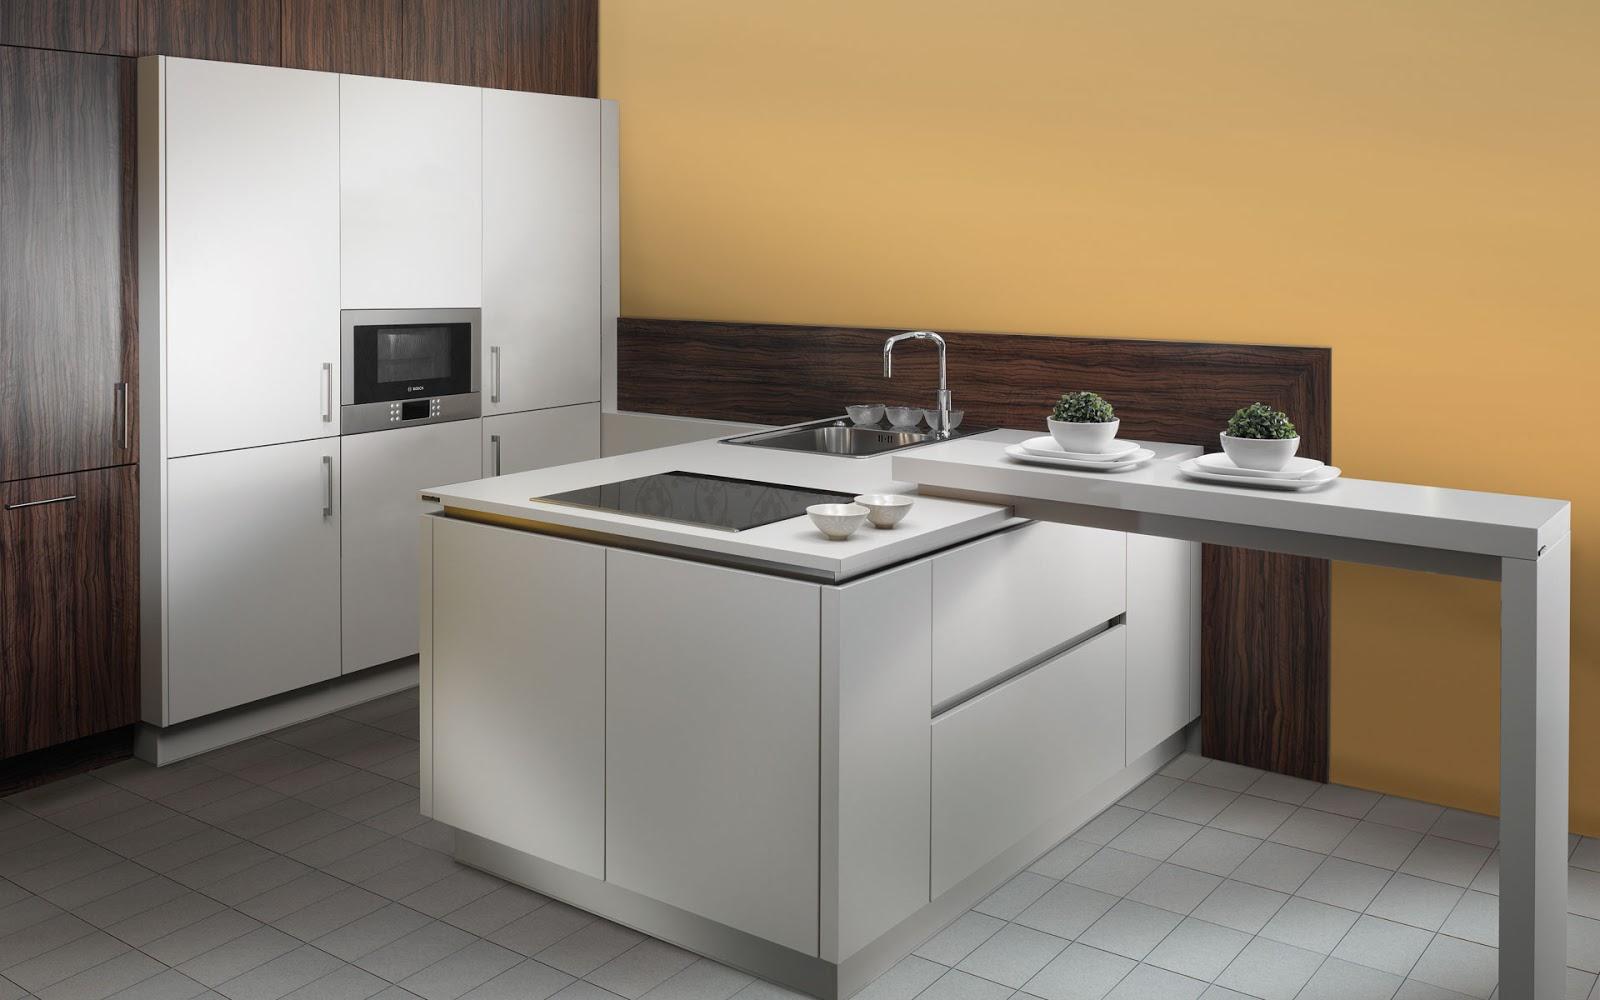 Mesas y barras para cocina arcomobel - Barras para cocinas ...